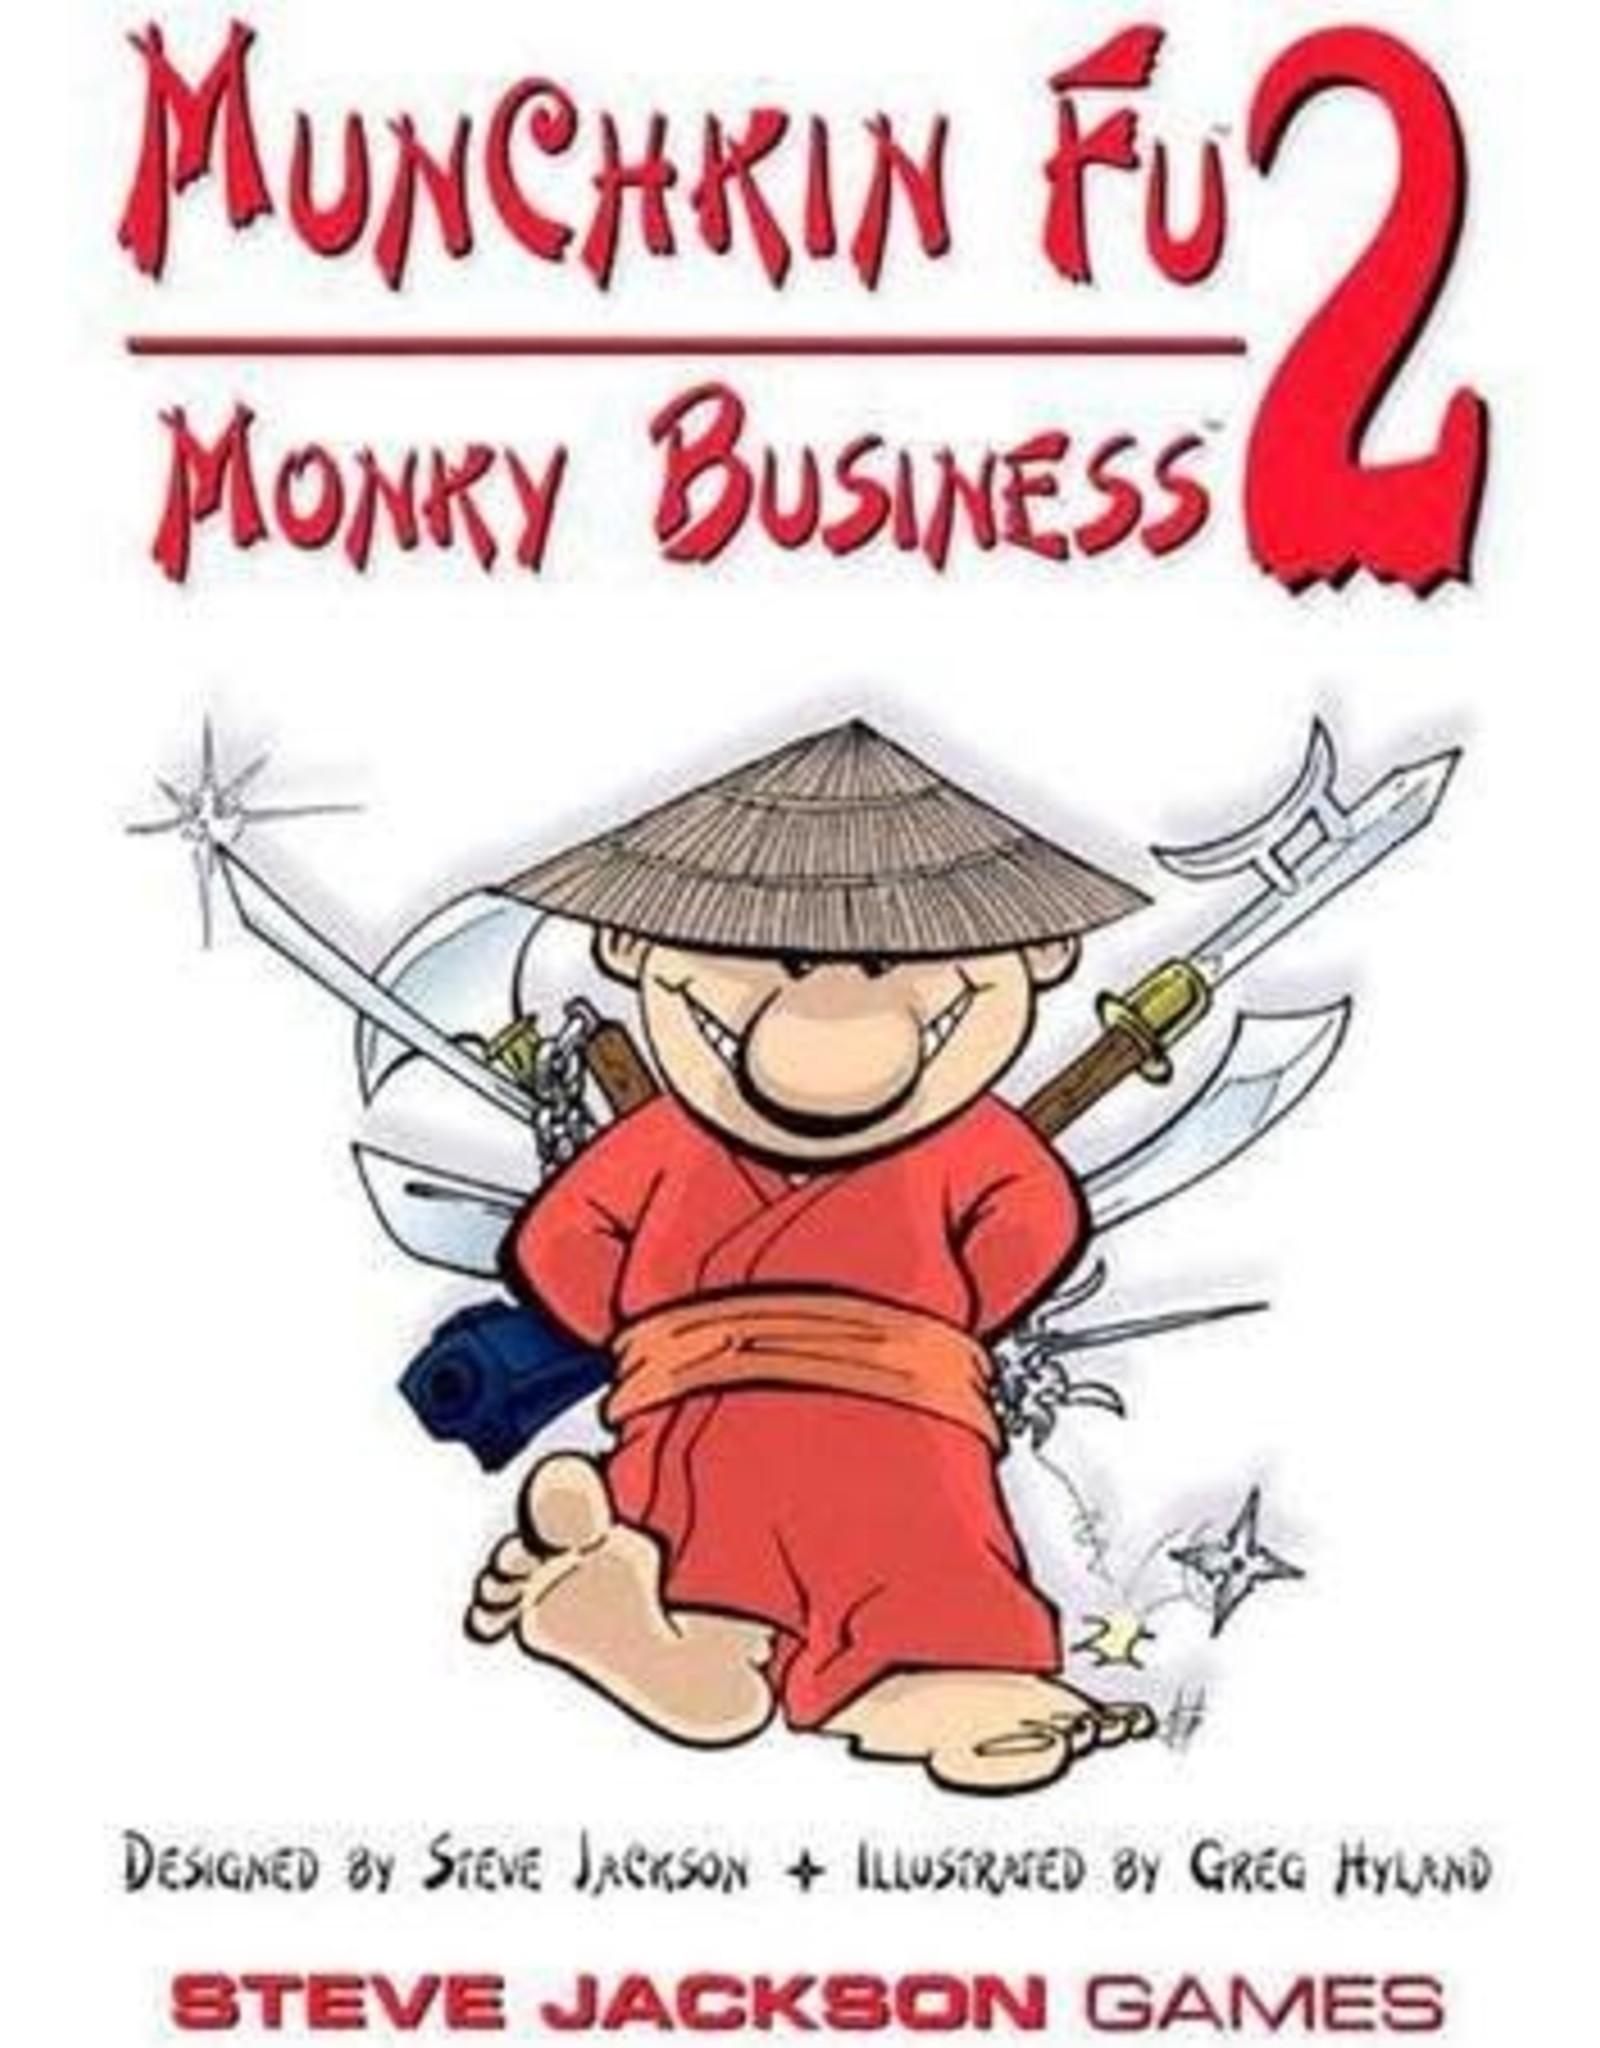 Munchkin Fu: Monkey Business